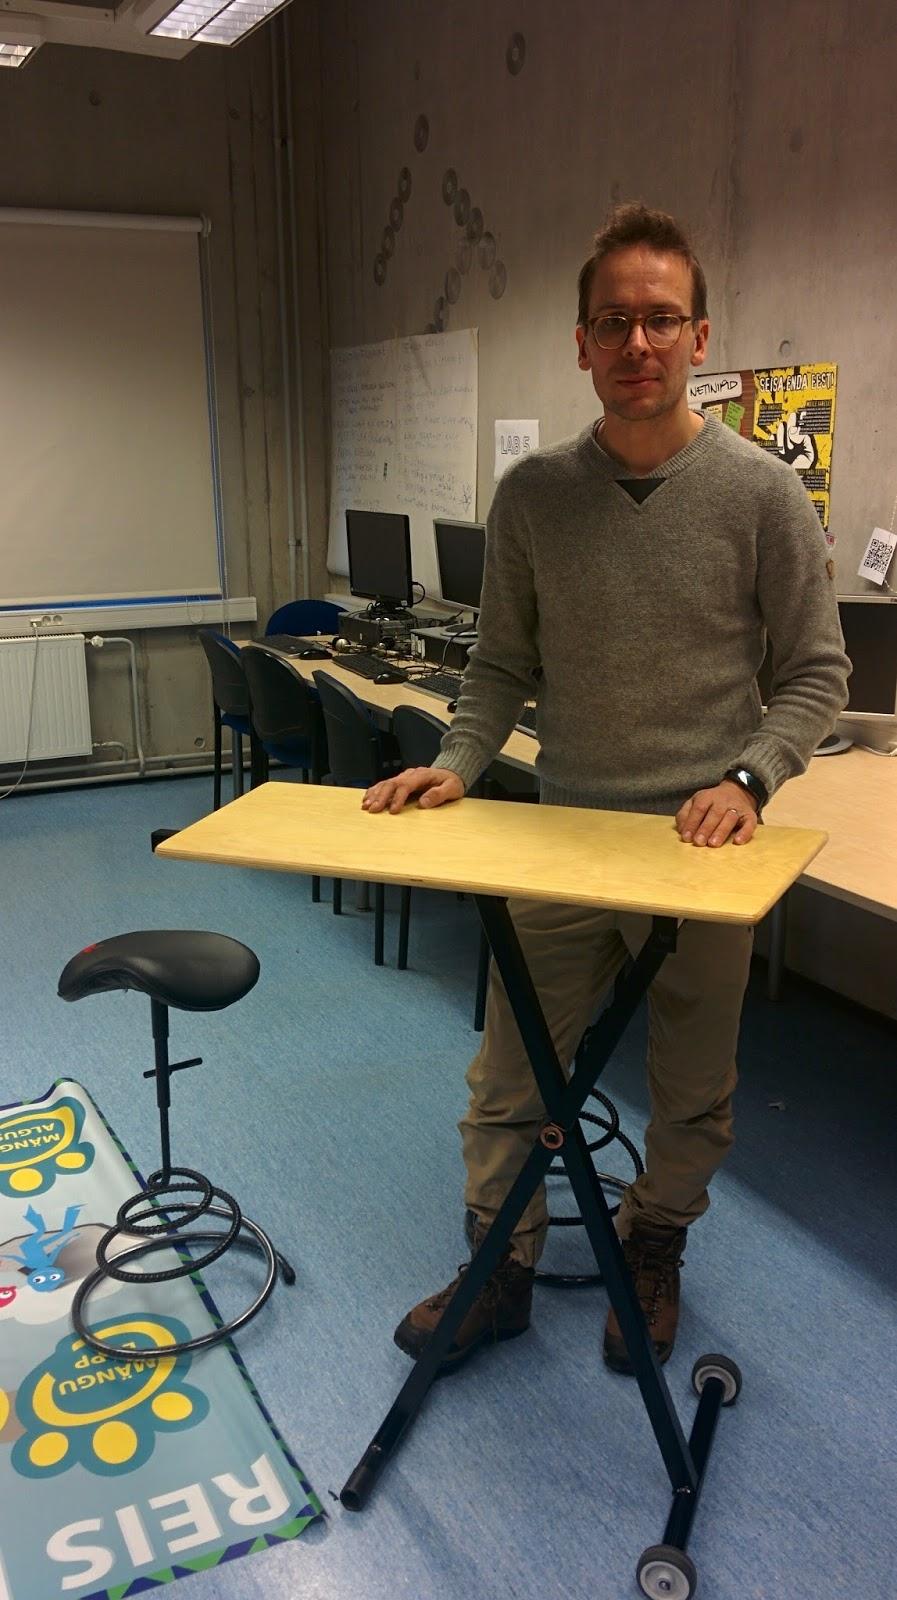 8bd91abff81 Kui tekkis huvi, siis esimene Showroom, kus saab näha ja testida lauda ning  toole, Eestis asub Pelgulinna Gümnaasiumis, seega võta Birgy Lorenziga  ühendust.